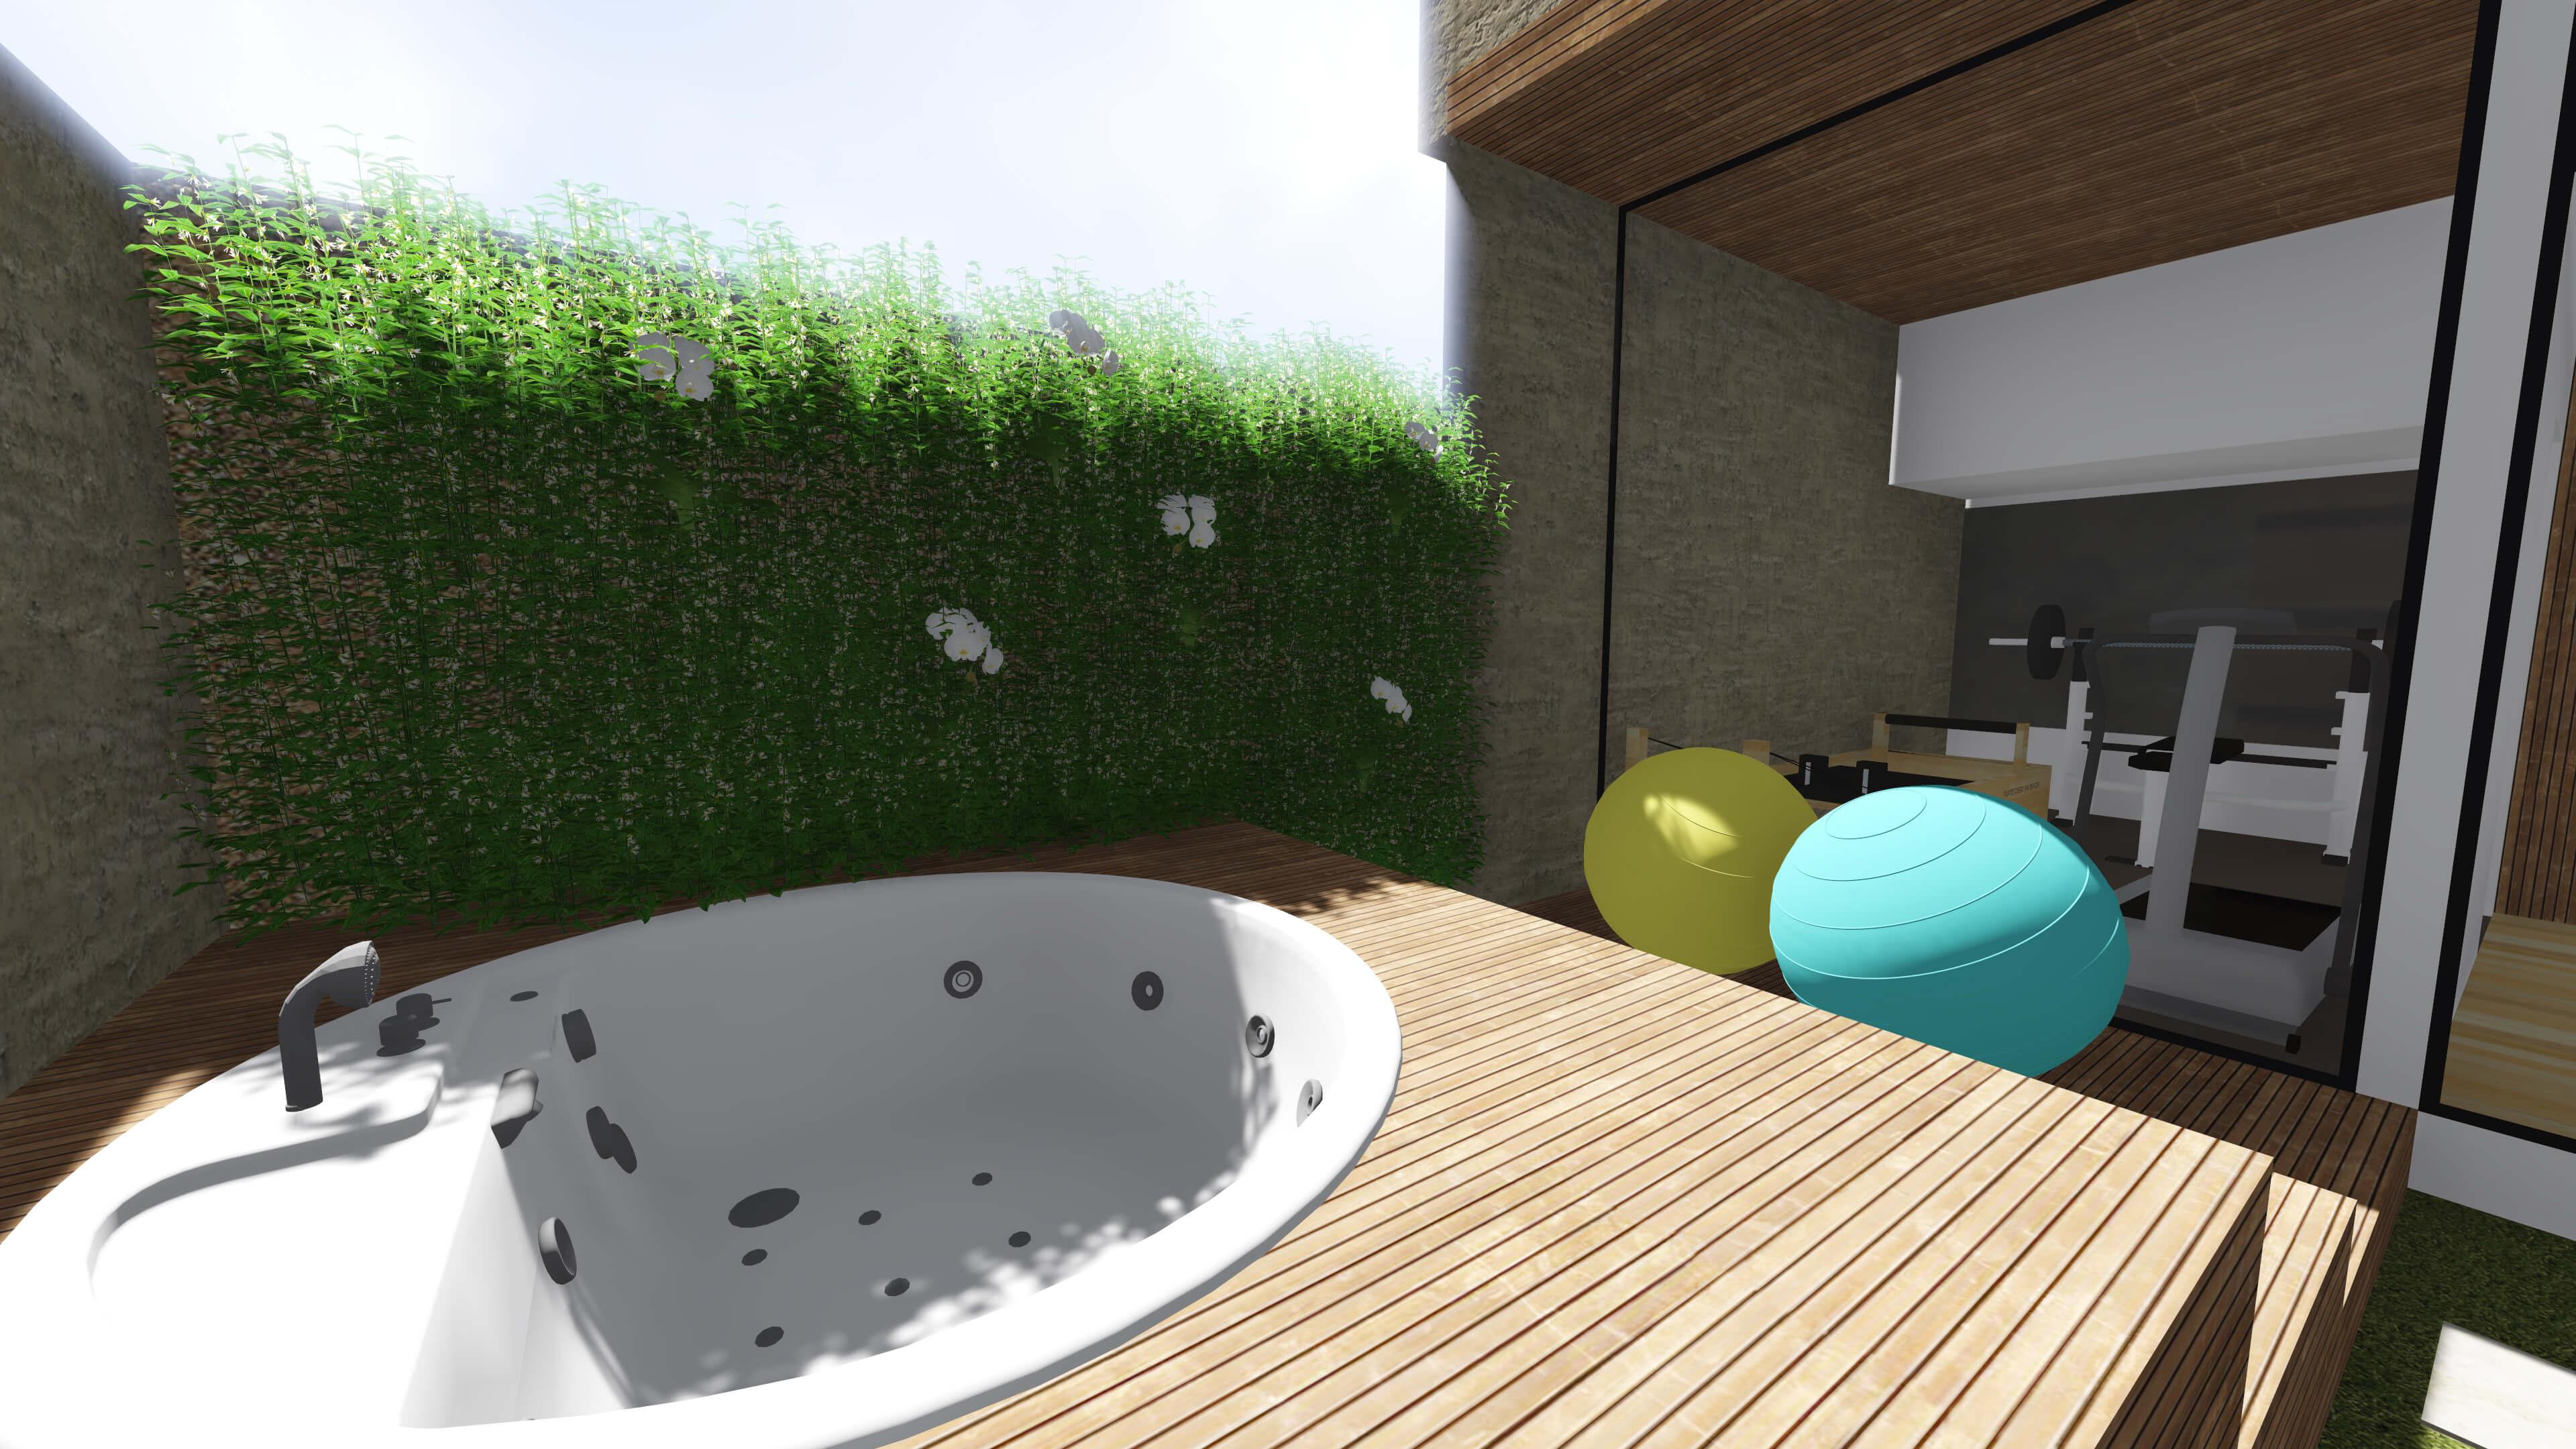 #28A3A3 Projeto de Casa – Area externa com piscina 3840x2160 px Projetos De Cozinha Externa_5445 Imagens